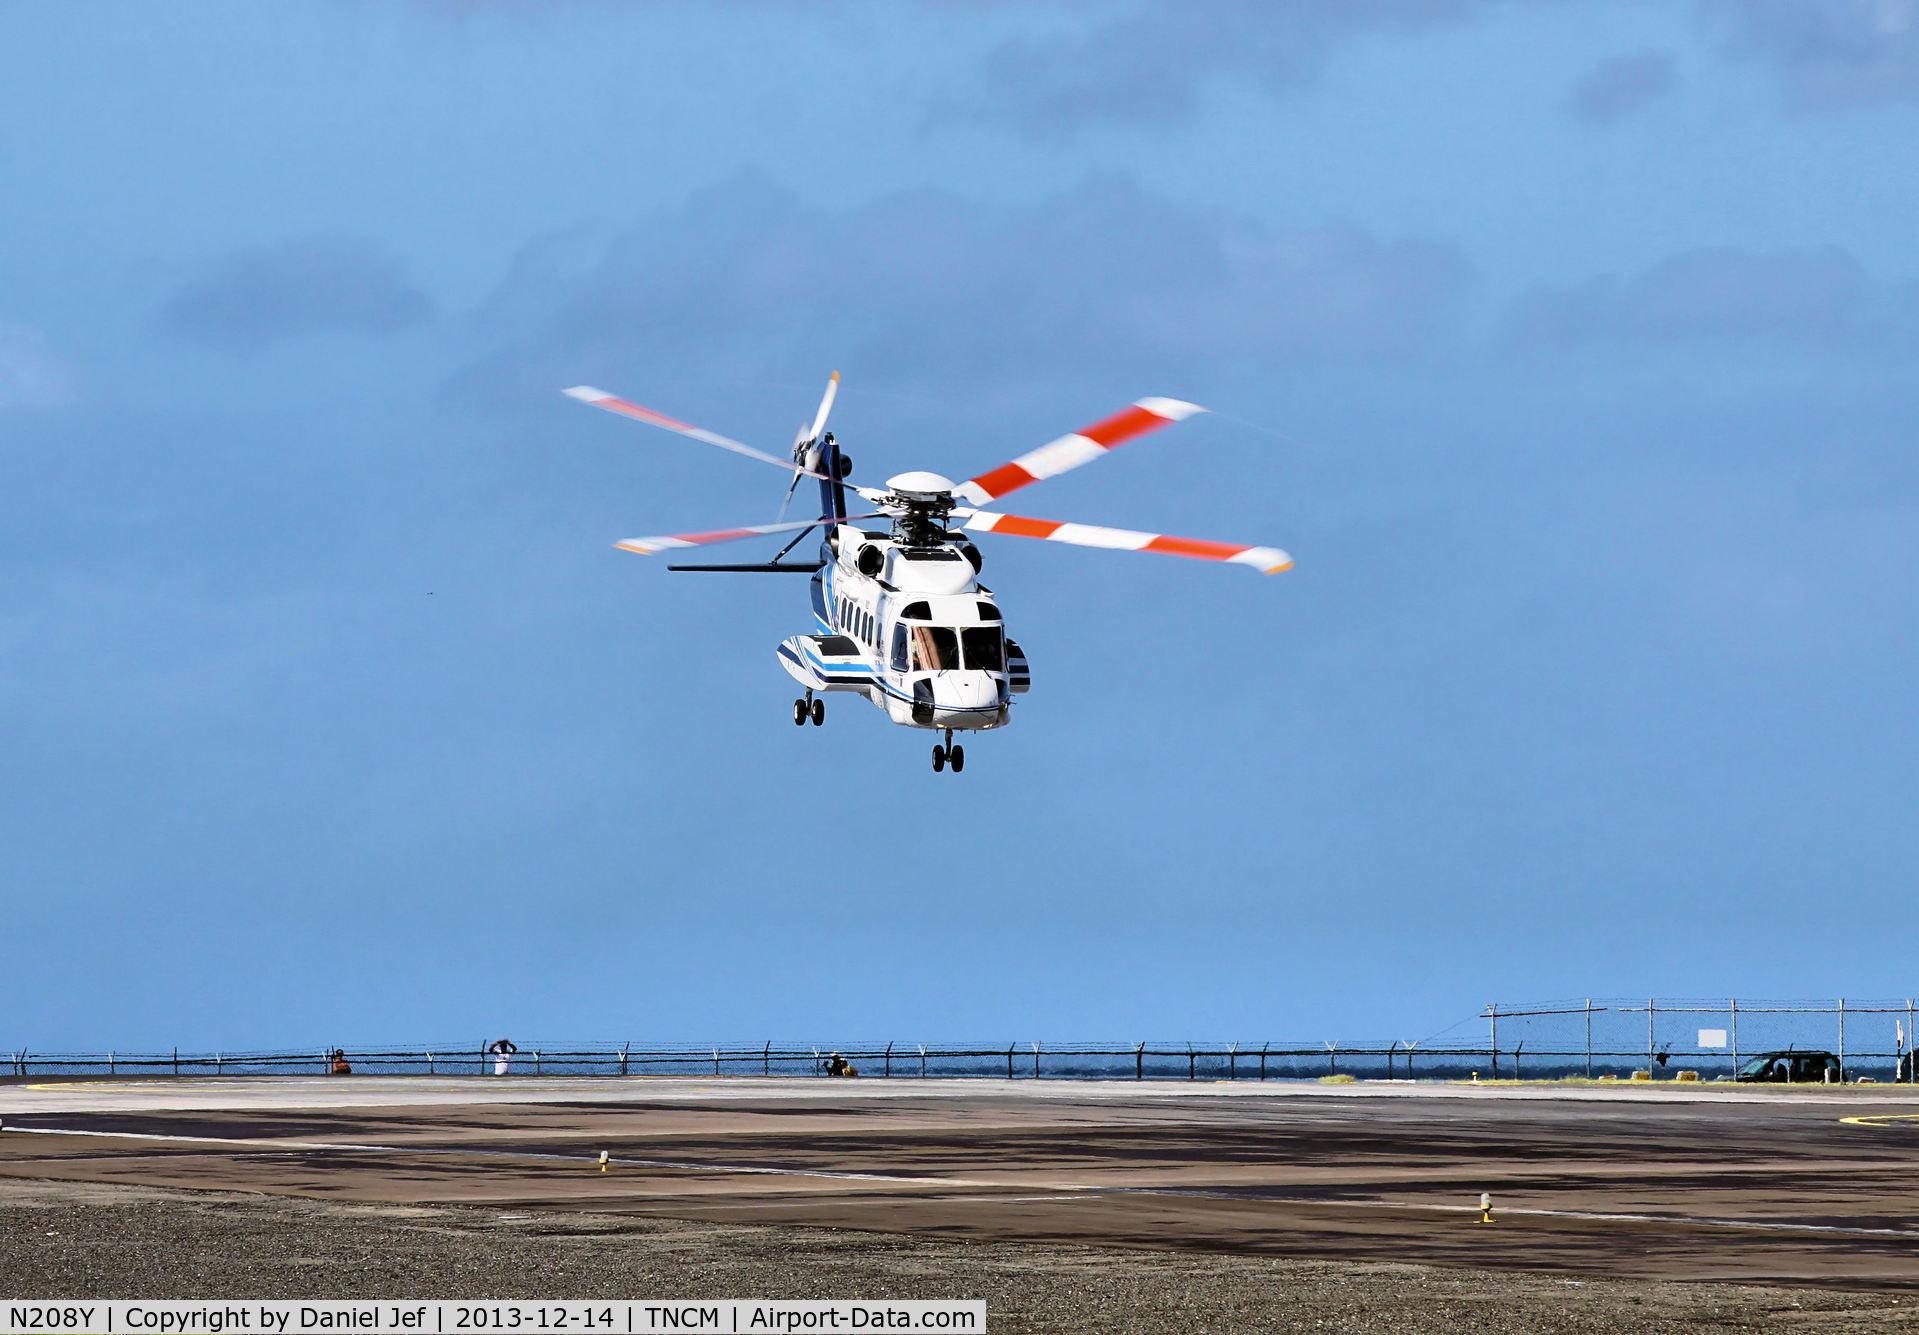 N208Y, 2013 Sikorsky S-92A C/N 920208, N208Y